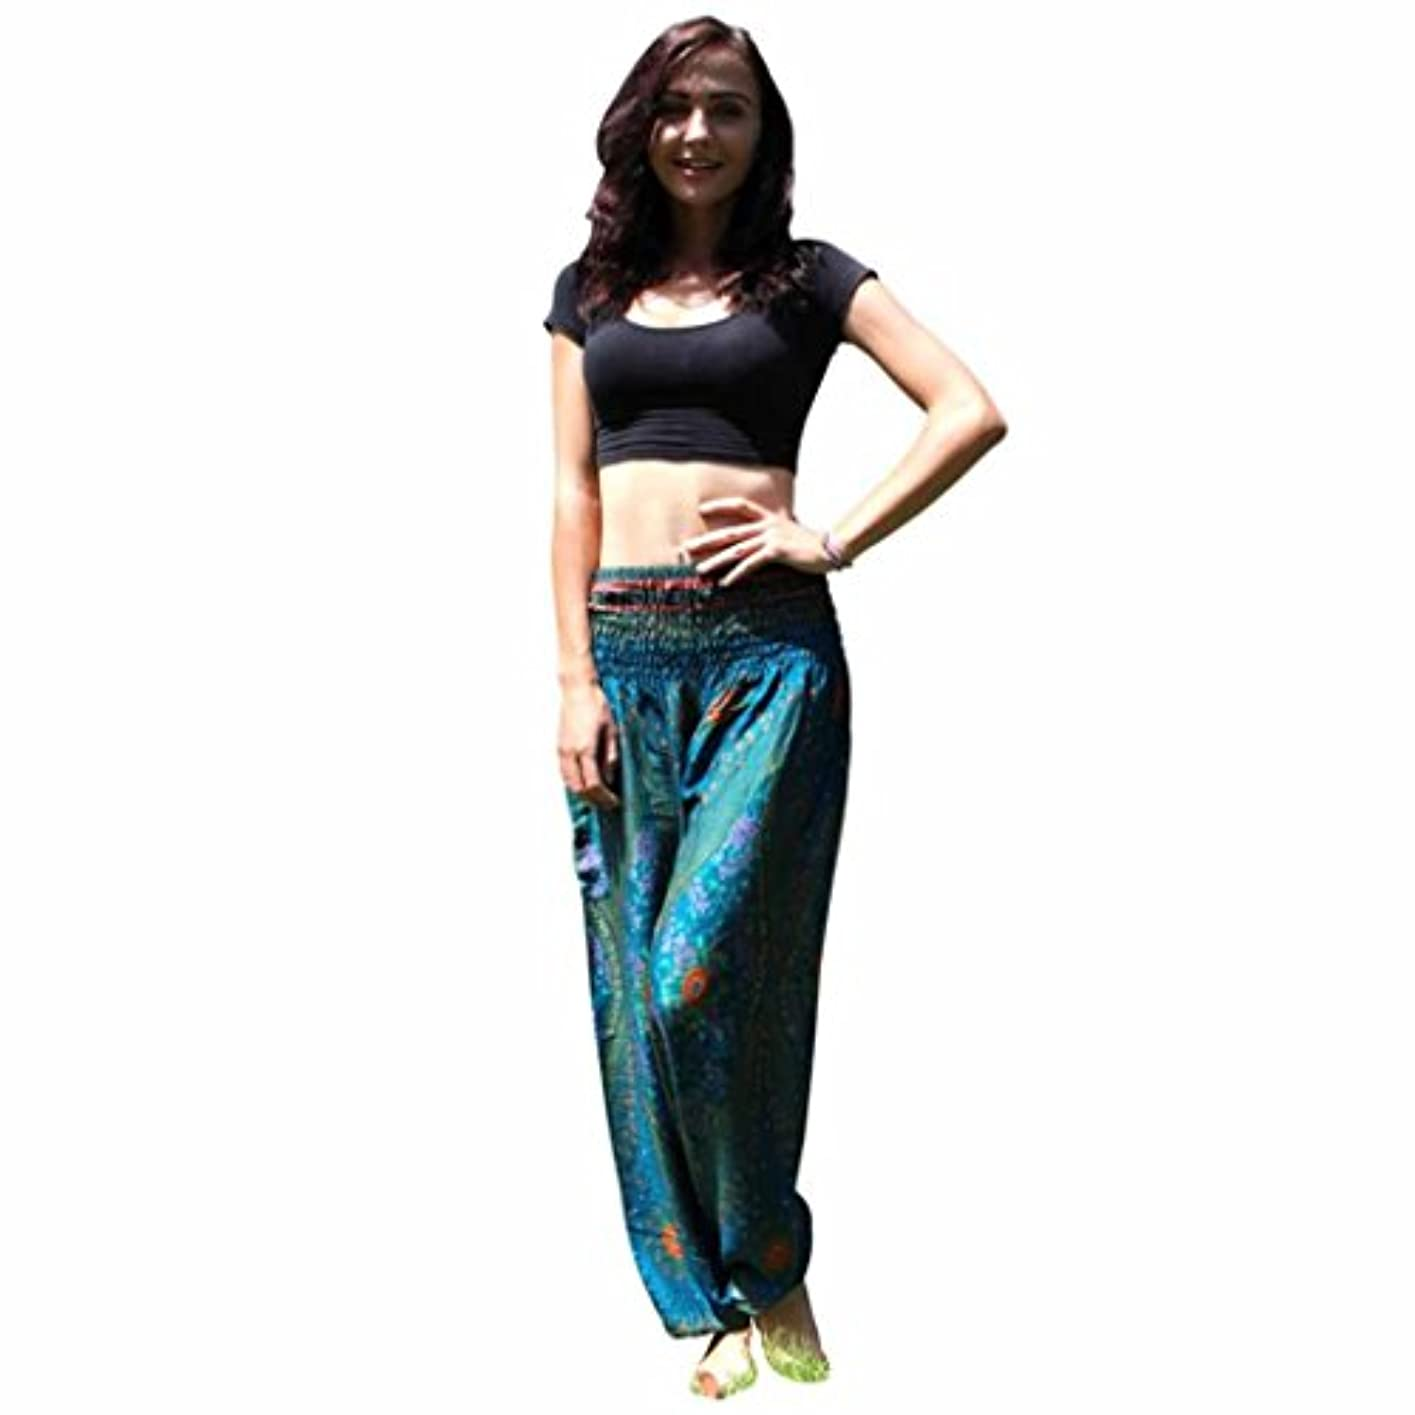 気候教育学肖像画Mhomzawa パンツ男性女性タイのハレムのズボンフェスティバルヒッピーのスモックハイウエストのパンツのタイハーレムヨガ?パンツ